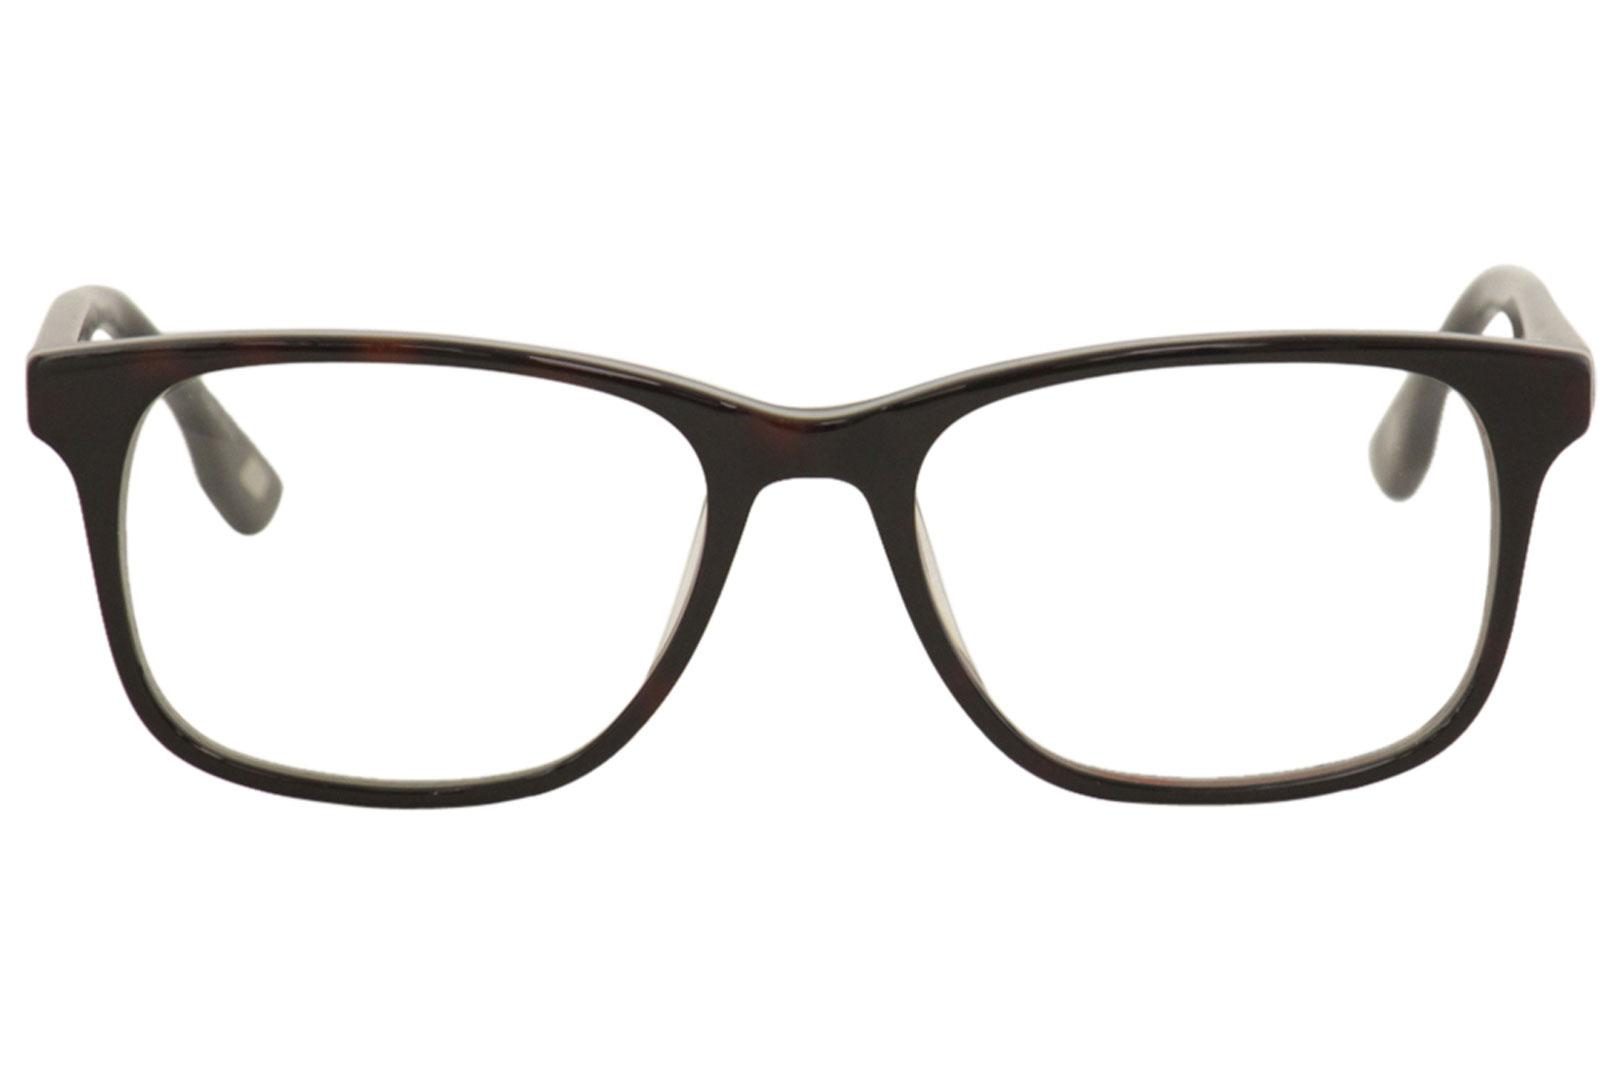 New Balance Men's Eyeglasses NB513 NB/513 Full Rim Optical Frame ...